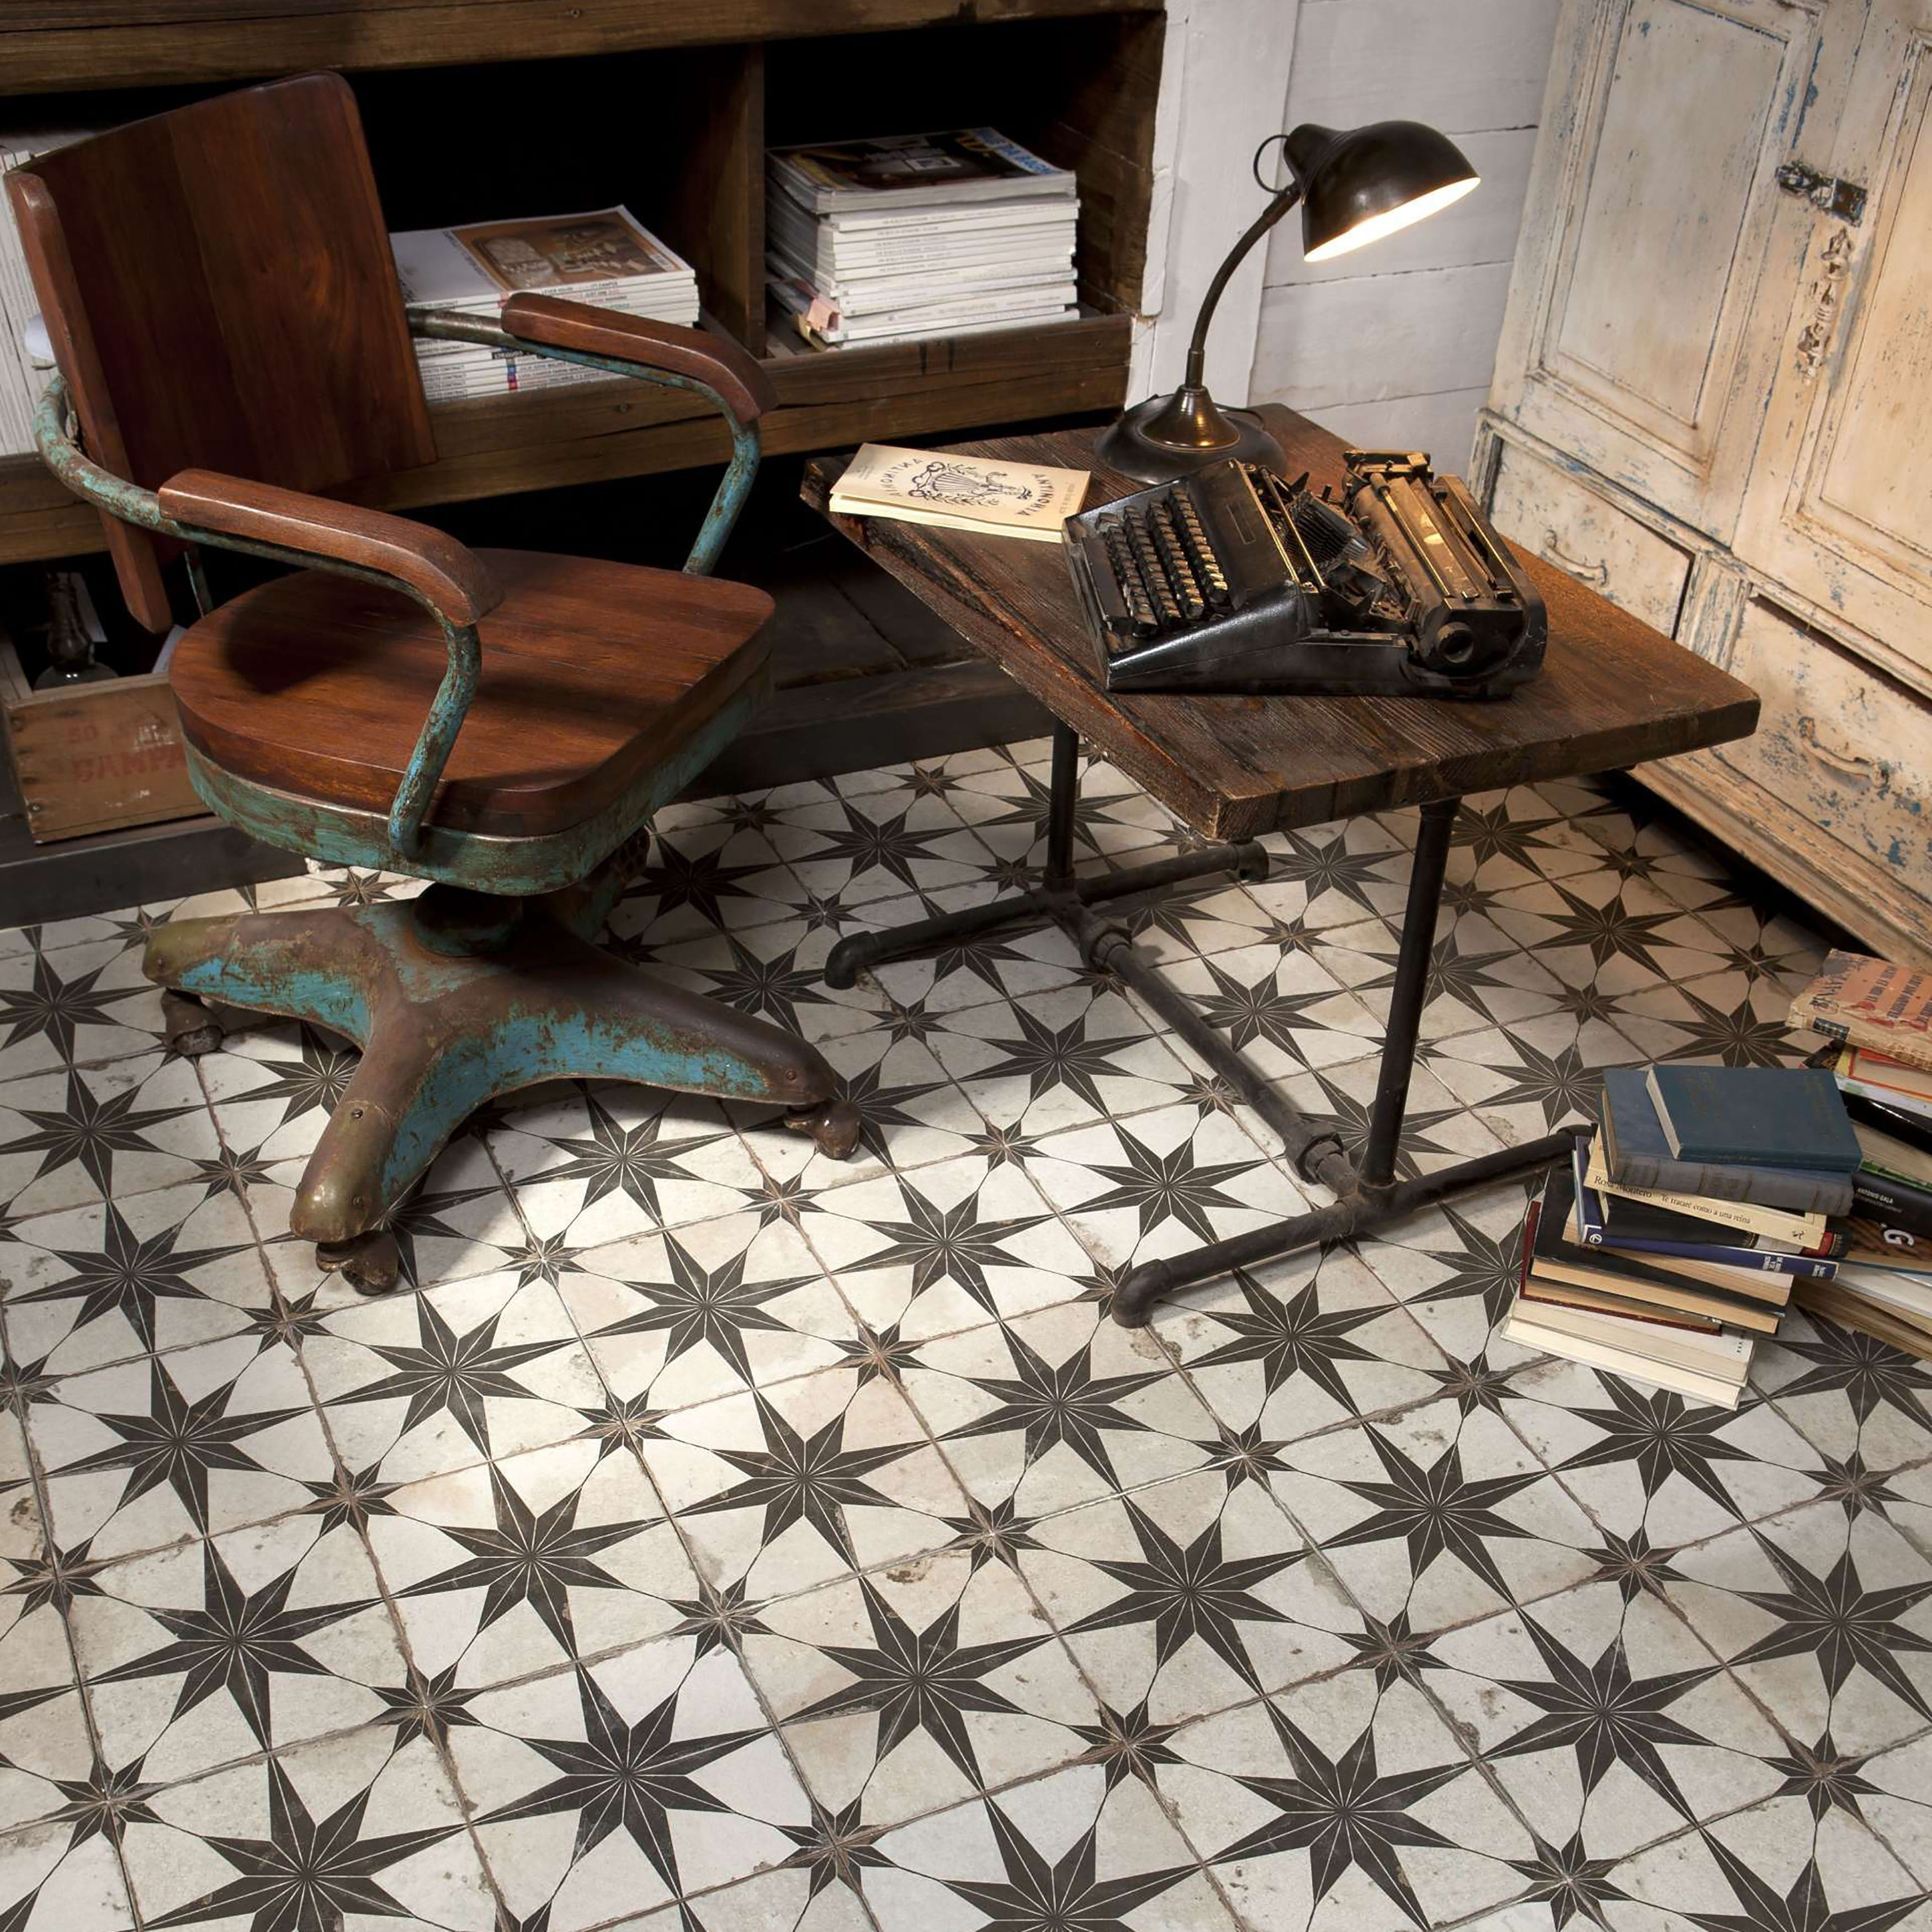 Shop Somertile 1763x1763 Inch Royals Estrella Nero Ceramic Floor